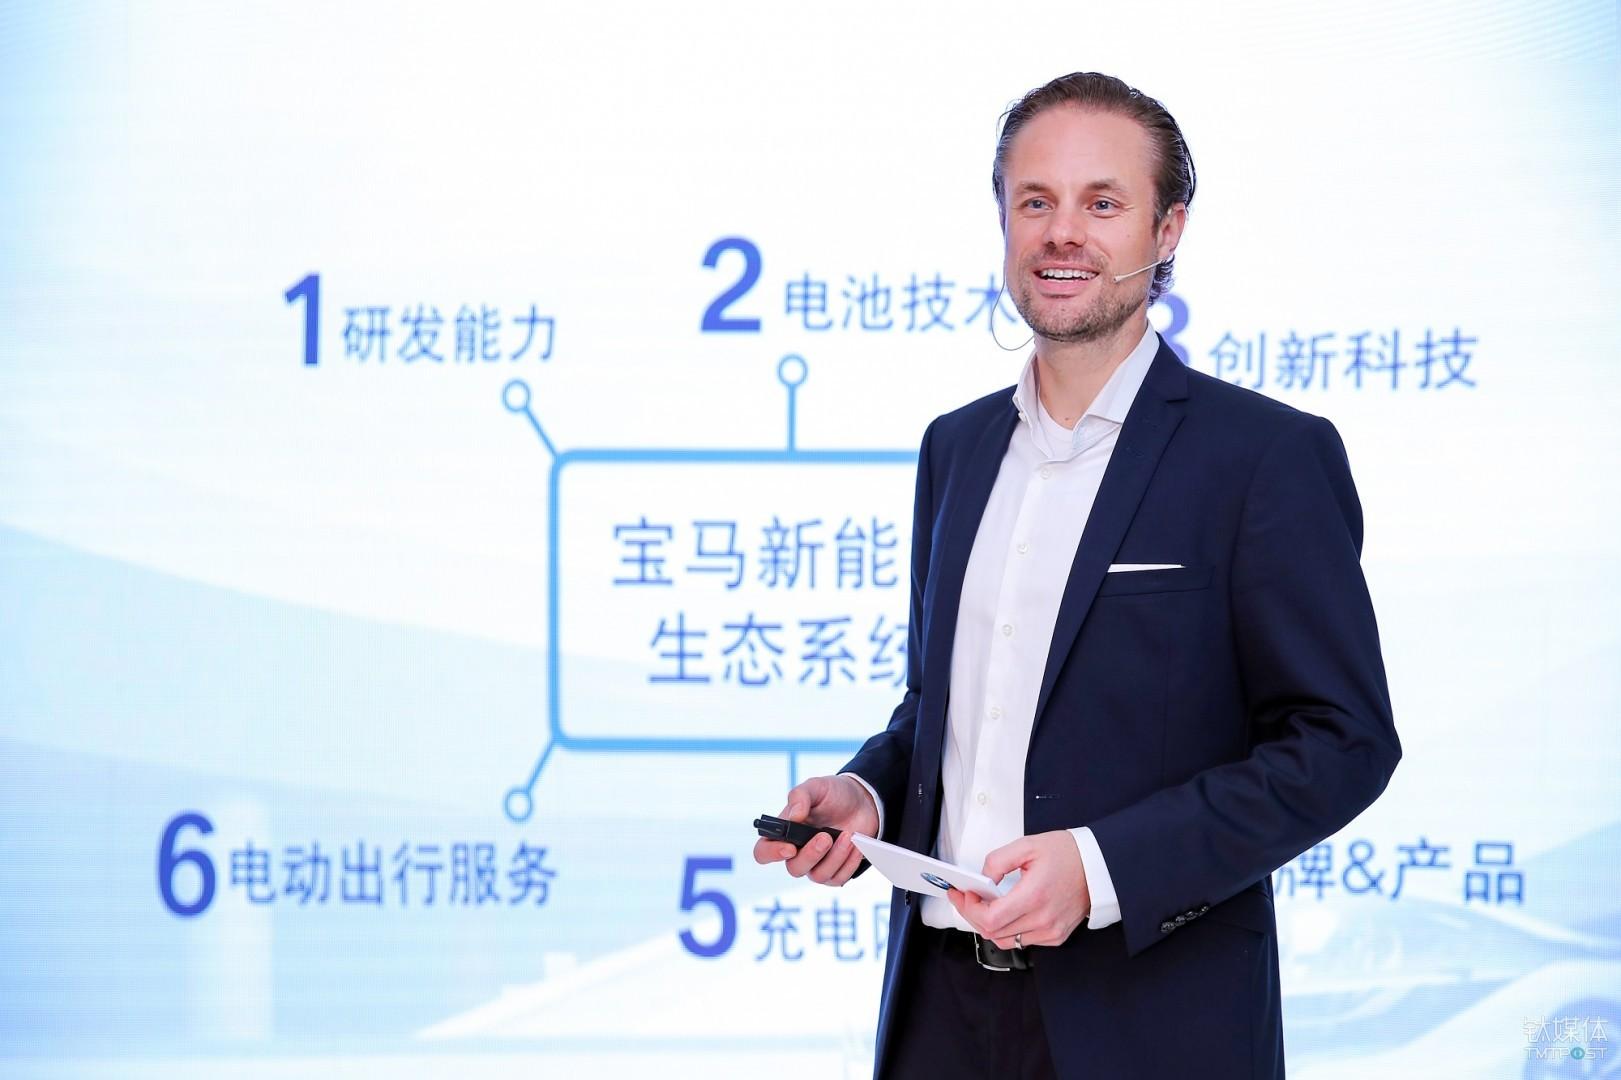 宝马新能源品牌管理部总监马霆先生